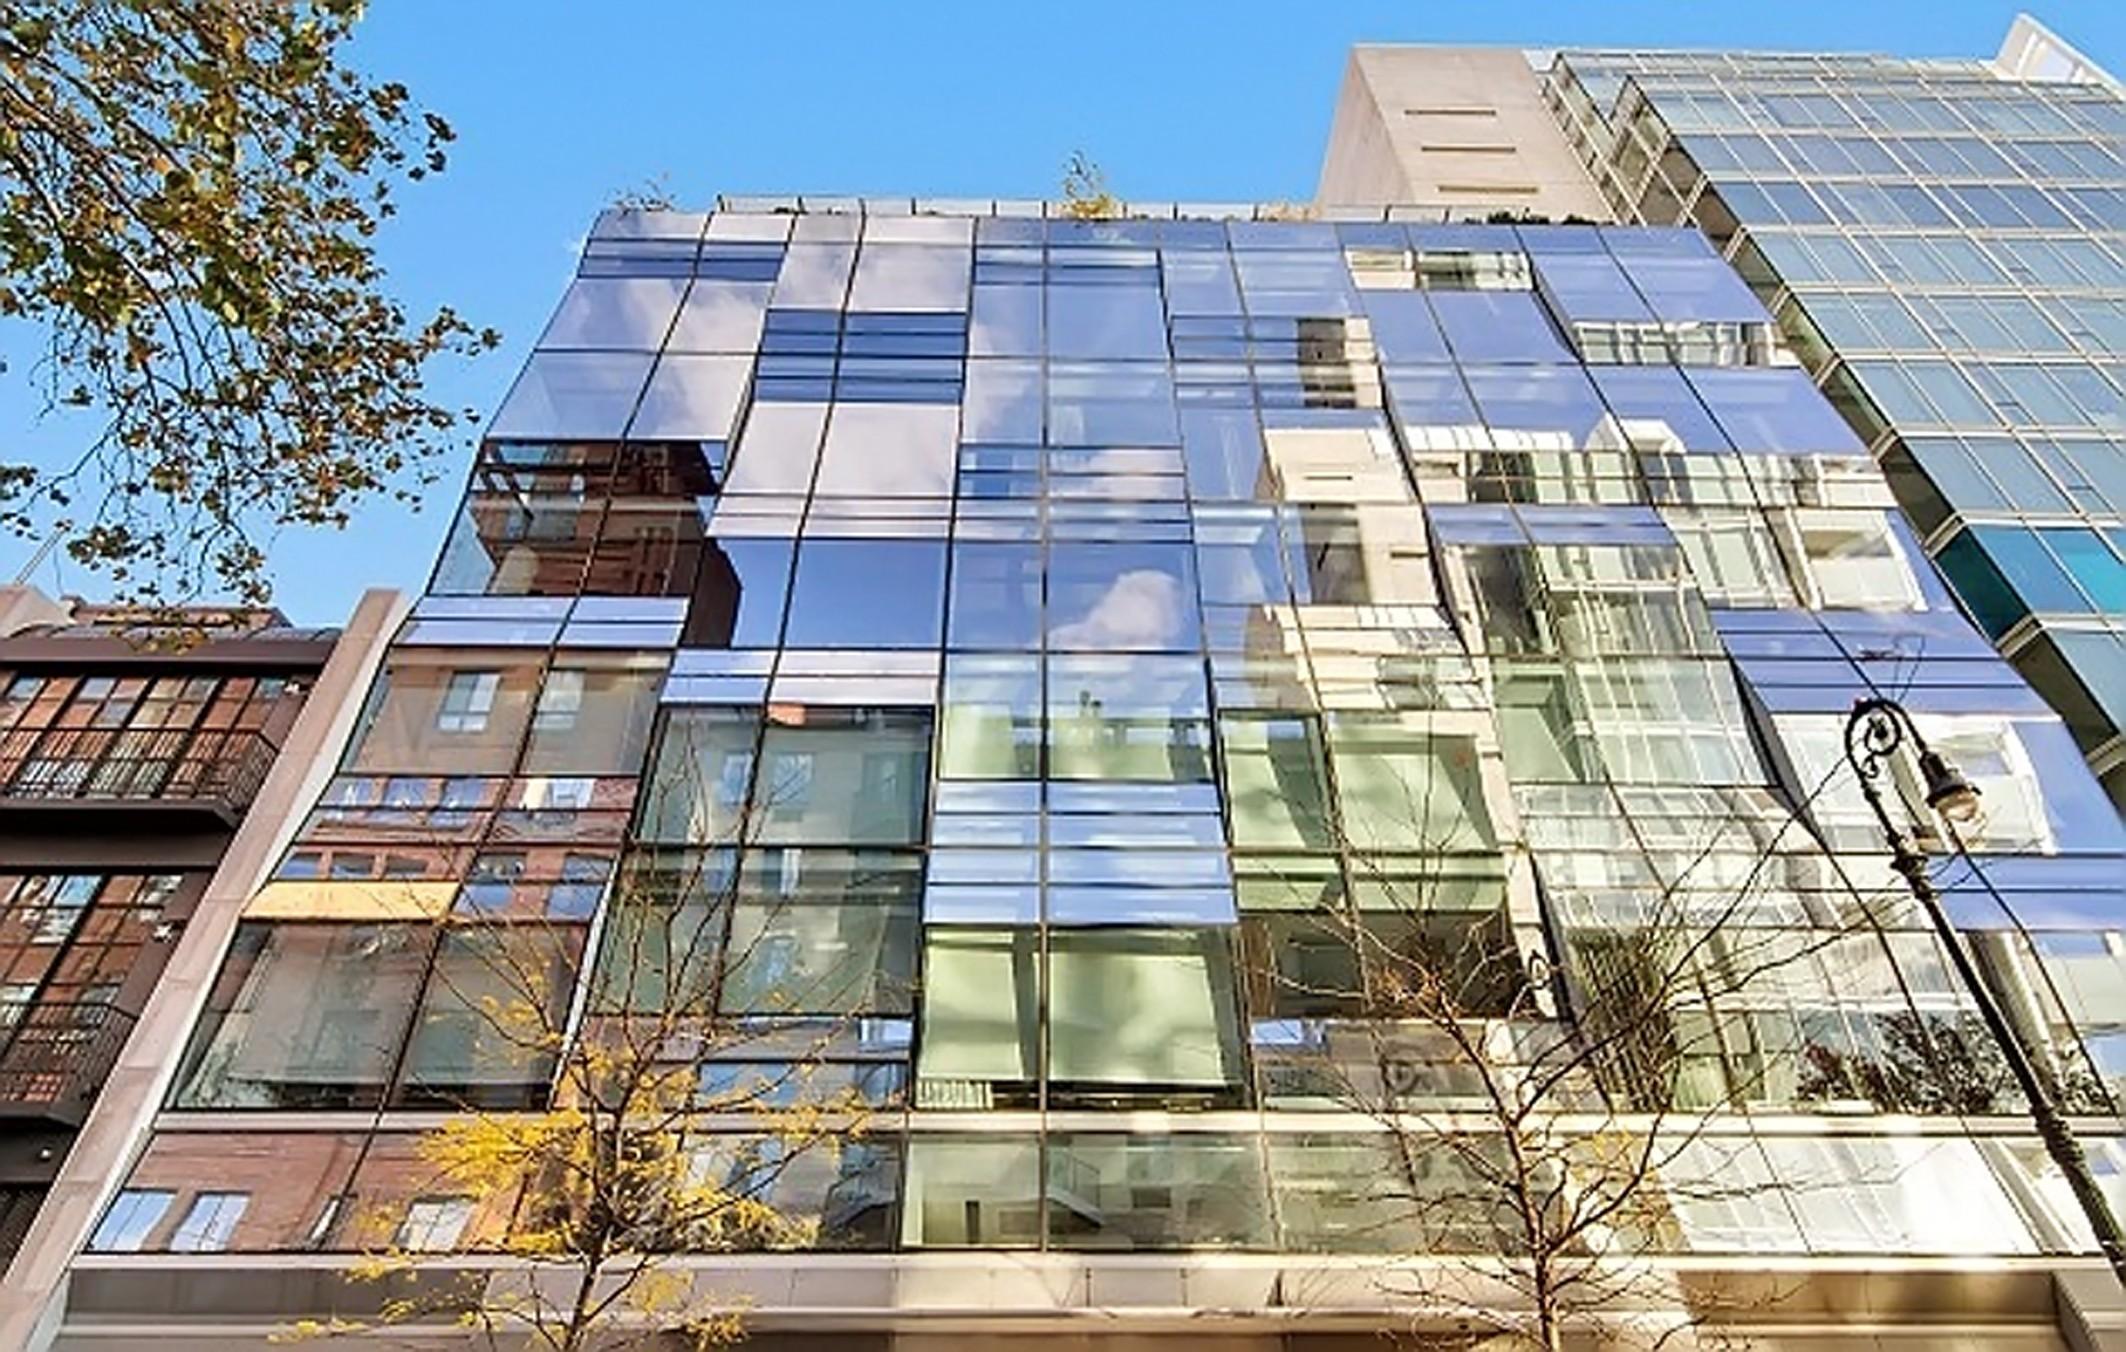 Трехкомнатный дюплекс расположен в престижном районе Вест-Виллидж на Манхэттене. Фото: EAST NEWS.